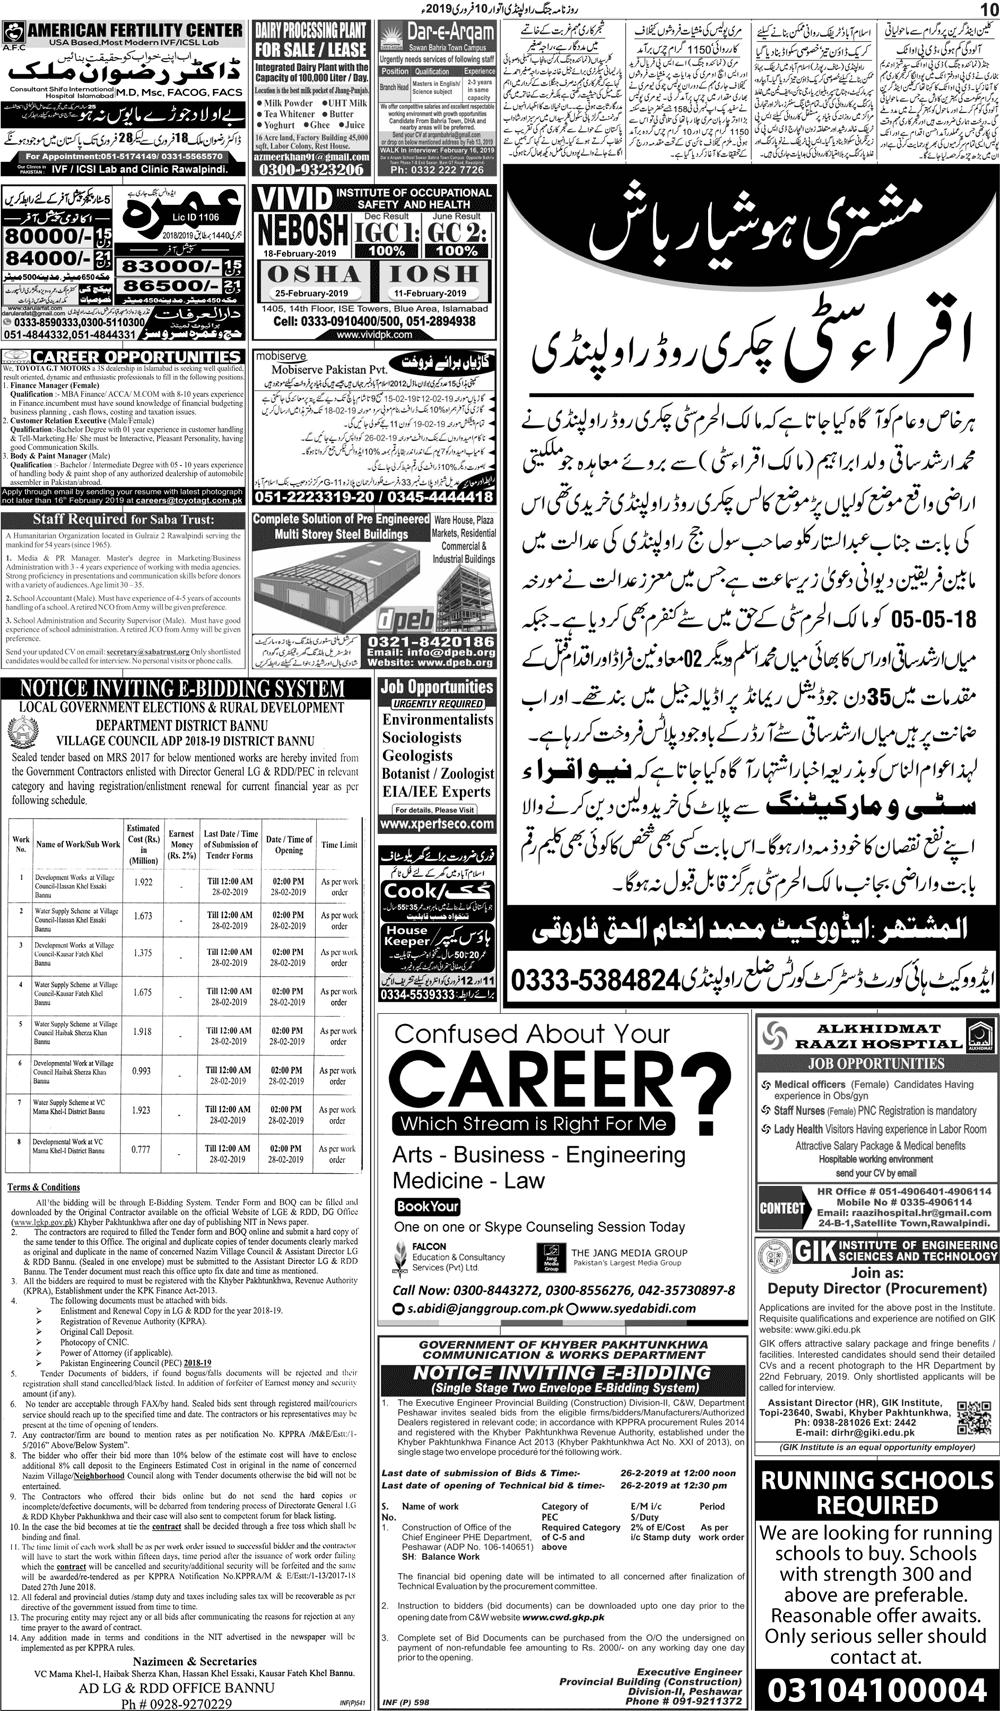 Daily Jang Newspaper 10 February 2019, Jang Epaper